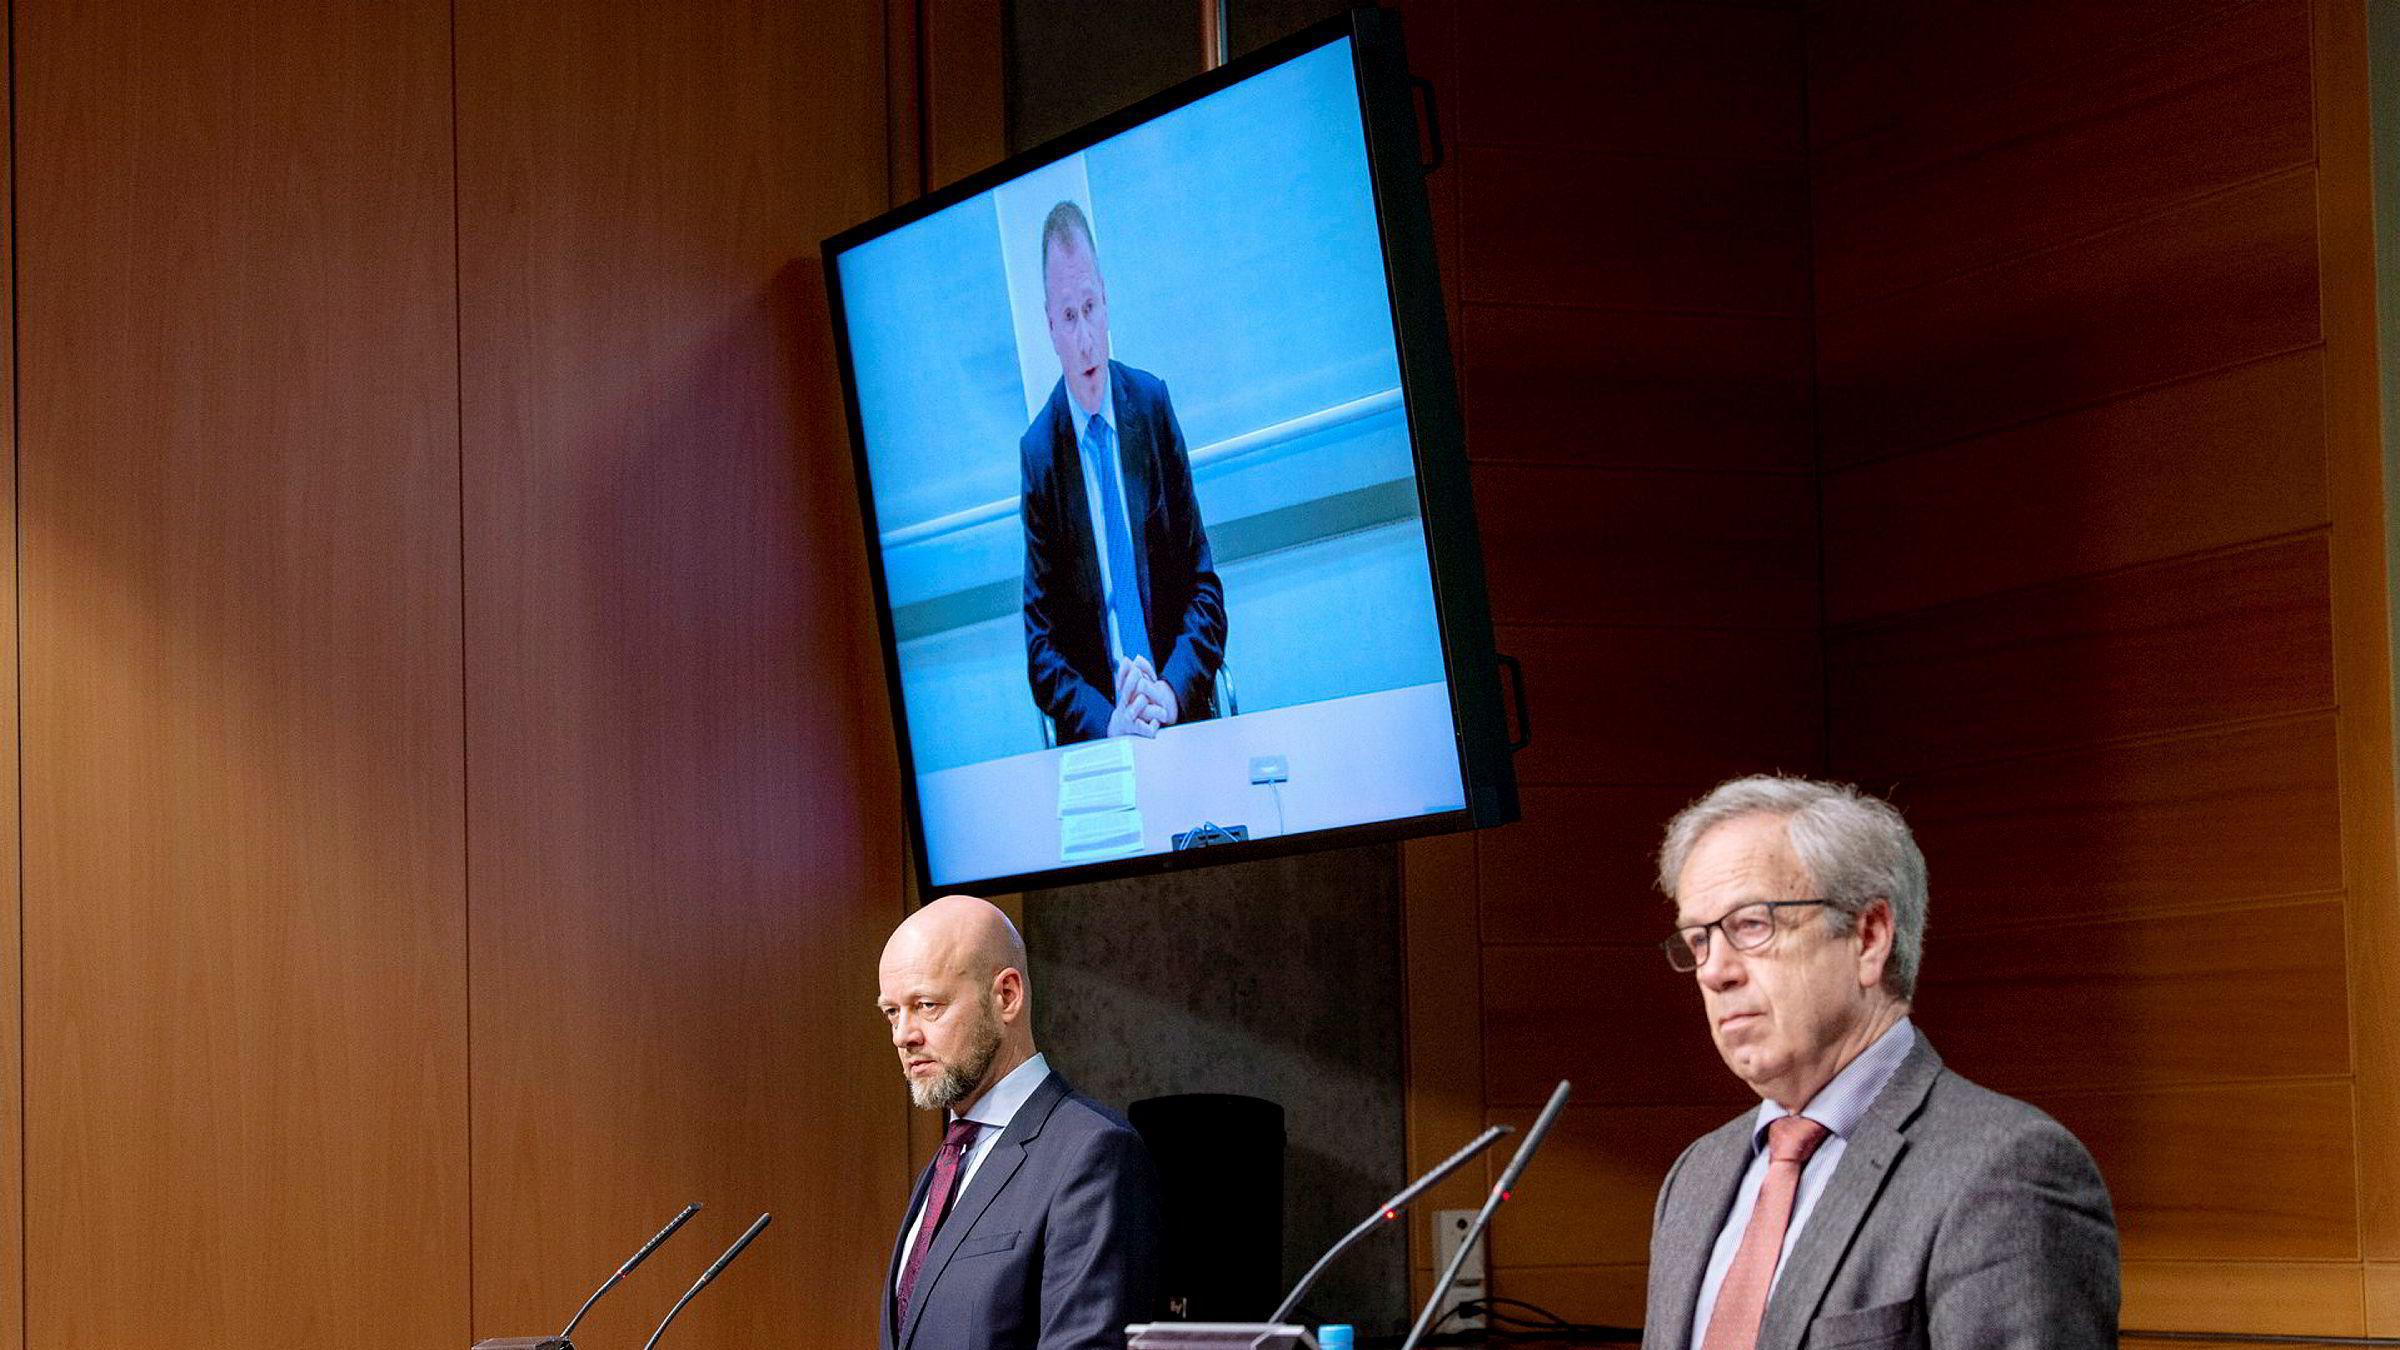 Sentralbanksjef Øystein Olsen (til høyre) presenterer Nicolai Tangen (på skjerm) som ny sjef for Oljefondet og den som skal overta etter avtroppende sjef Yngve Slyngstad (til venstre).